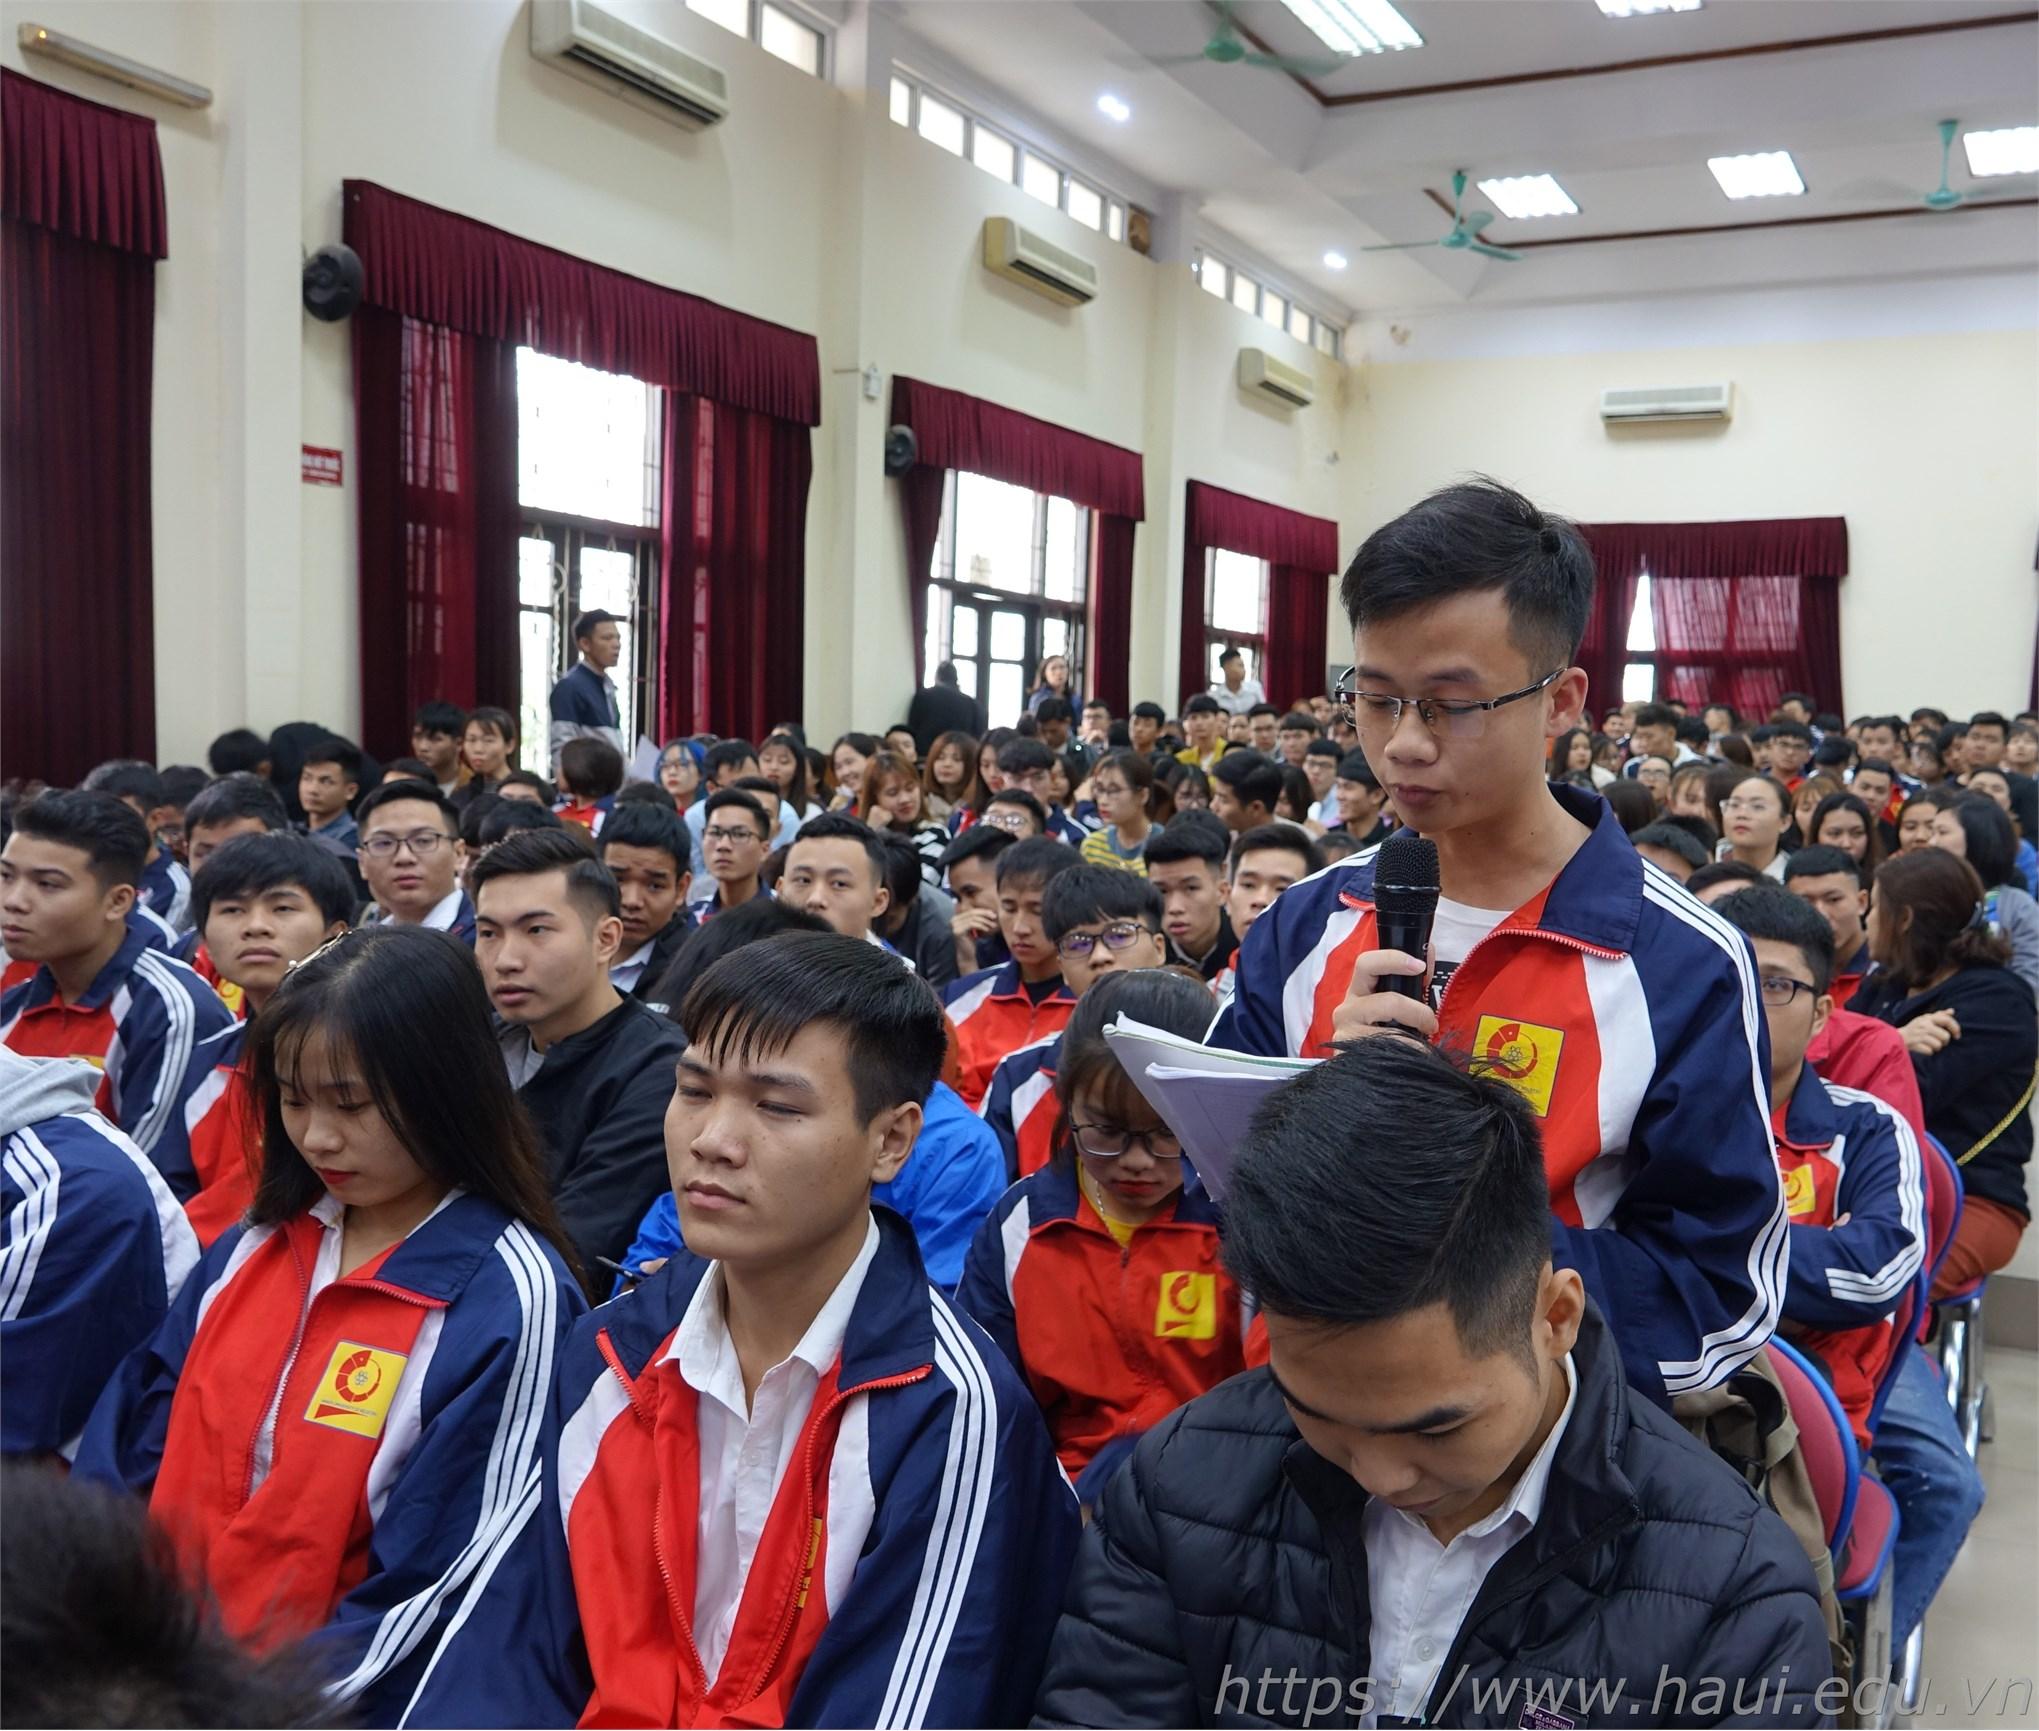 Hội nghị đã lắng nghe gần 40 ý kiến trao đổi của gần 30 đại diện lớp trưởng, bí thư các lớp phát biểu